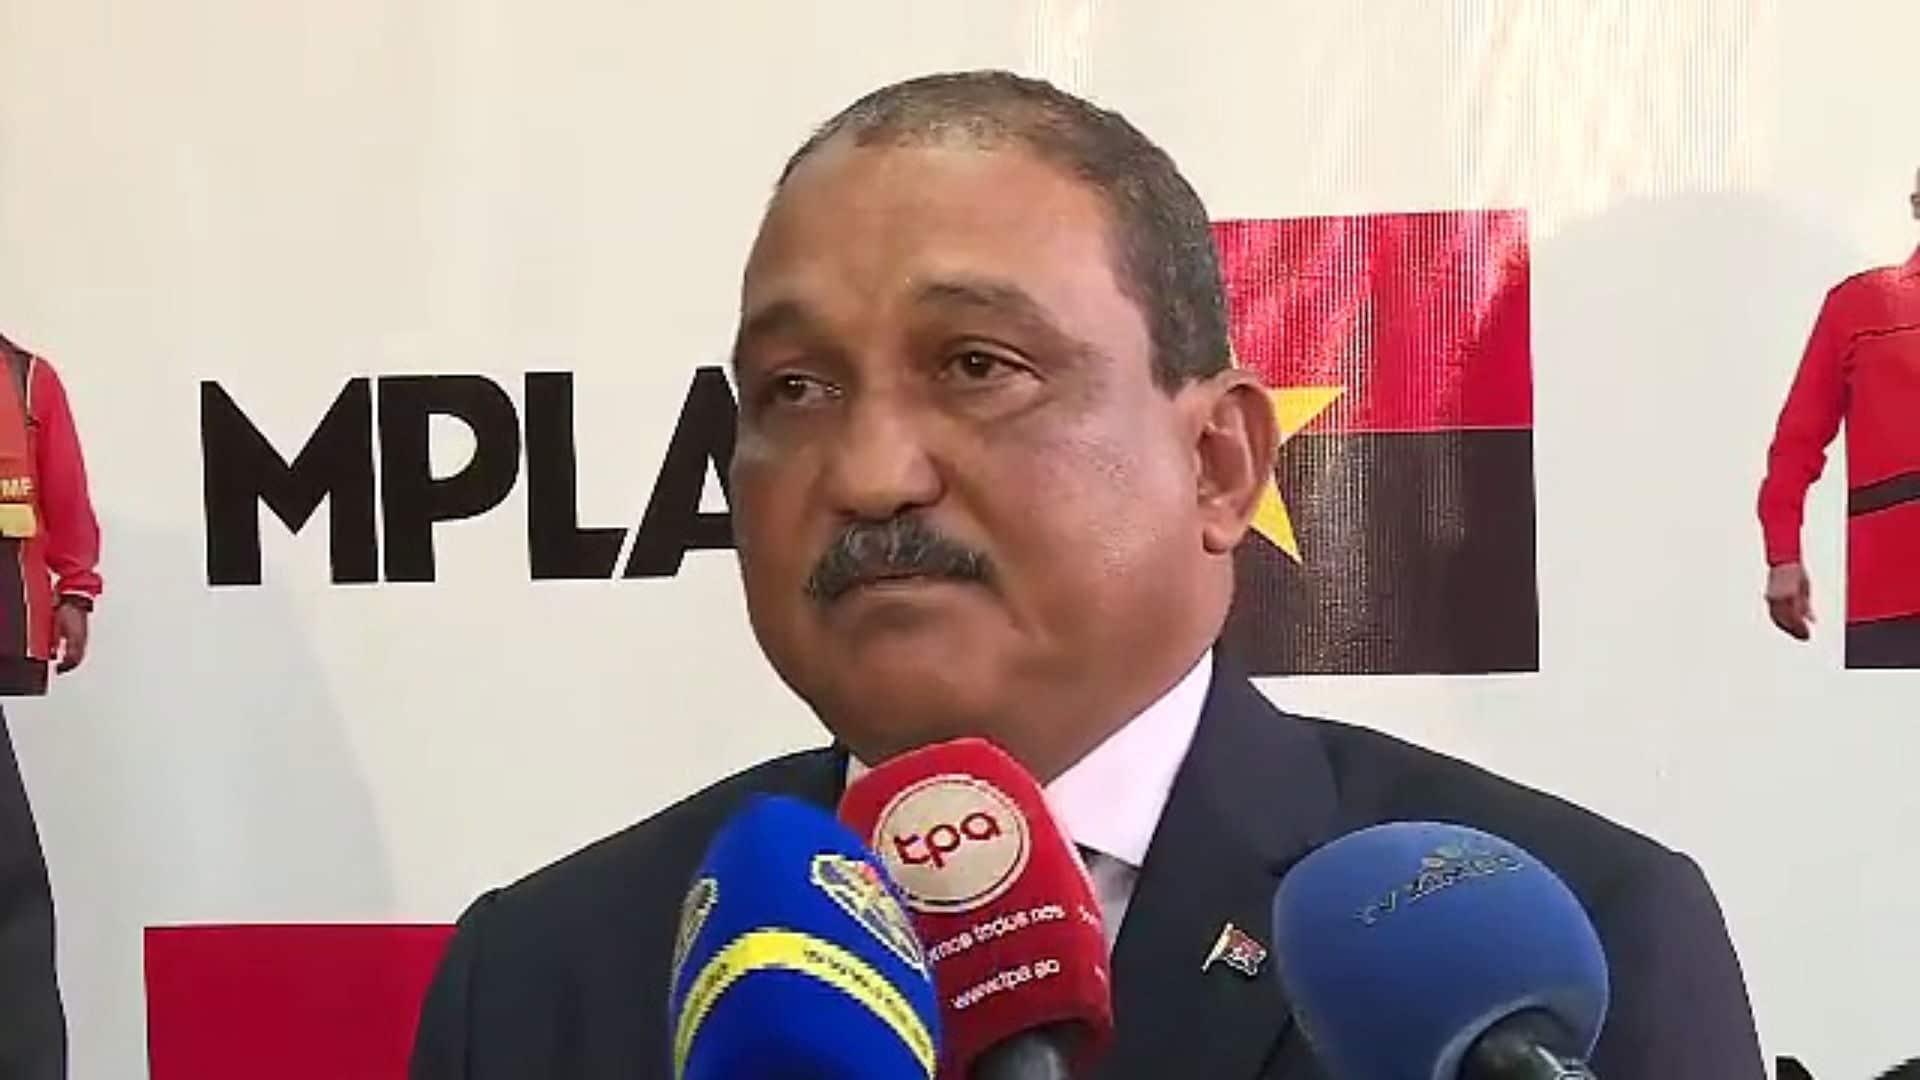 secretário do bureau político do mpla fala sobre 6.º congresso extraordinário - Ju martins - Secretário do Bureau Político do MPLA fala sobre 6.º Congresso Extraordinário